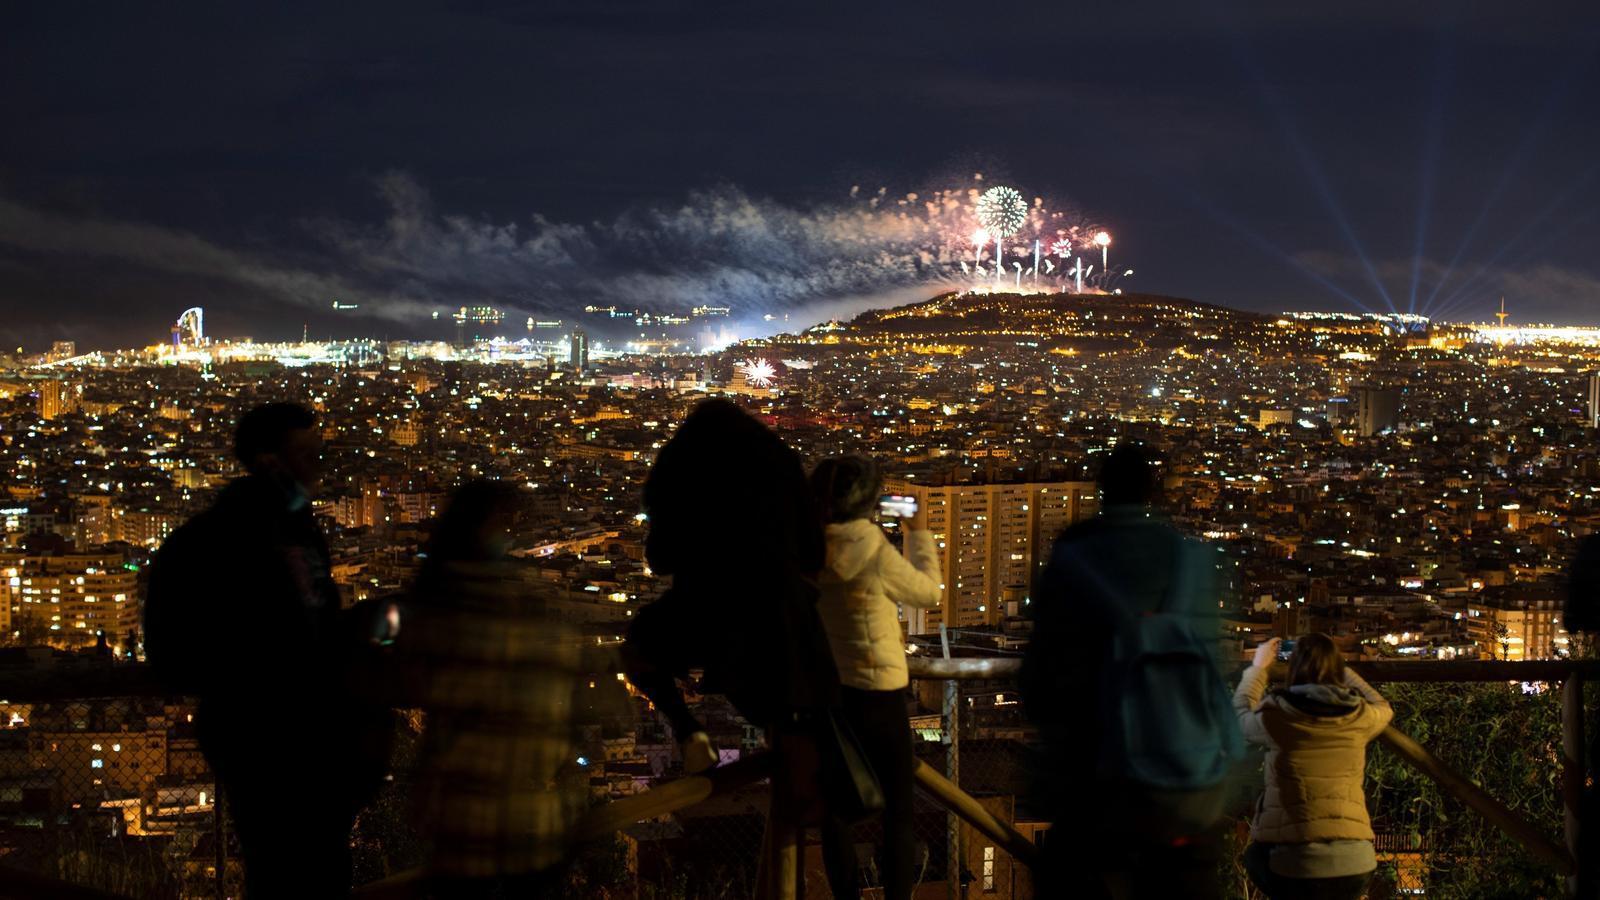 Diverses persones observant els focs artificials de Cap d'Any a Barcelona